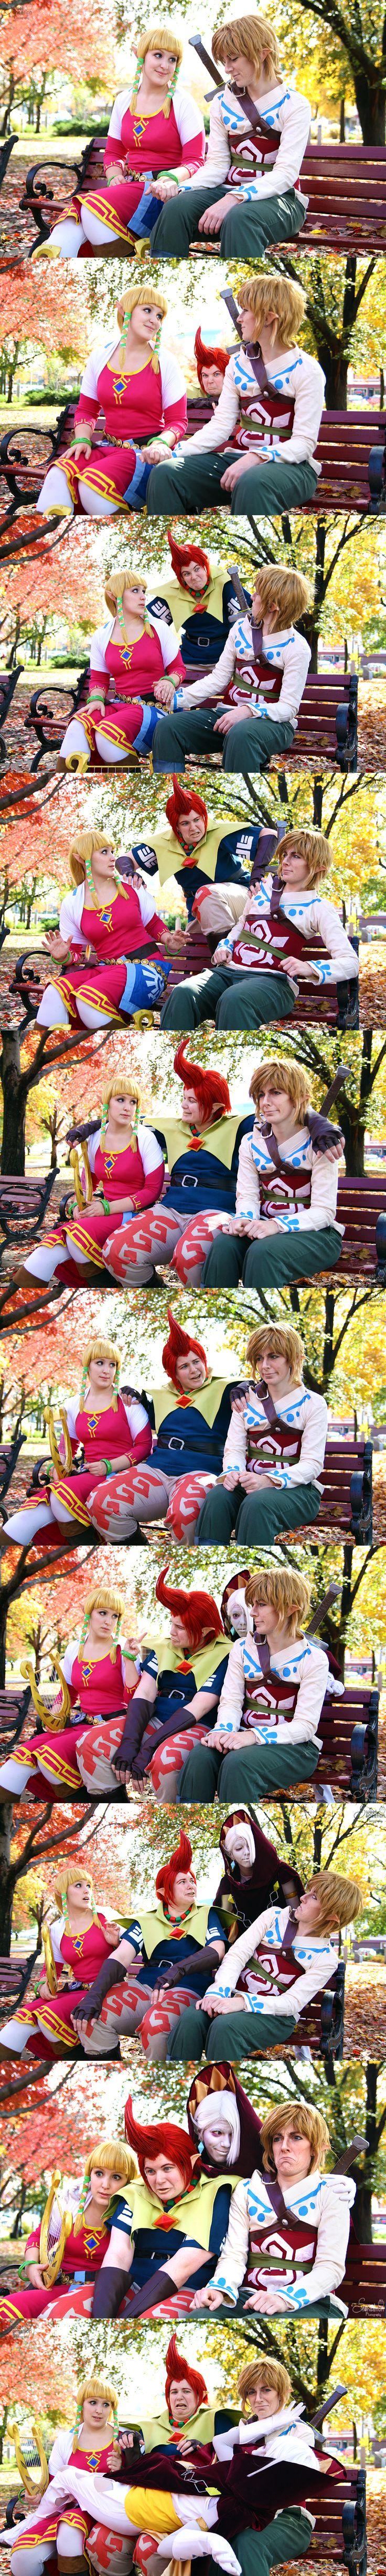 A Not So Zelda date (lol)